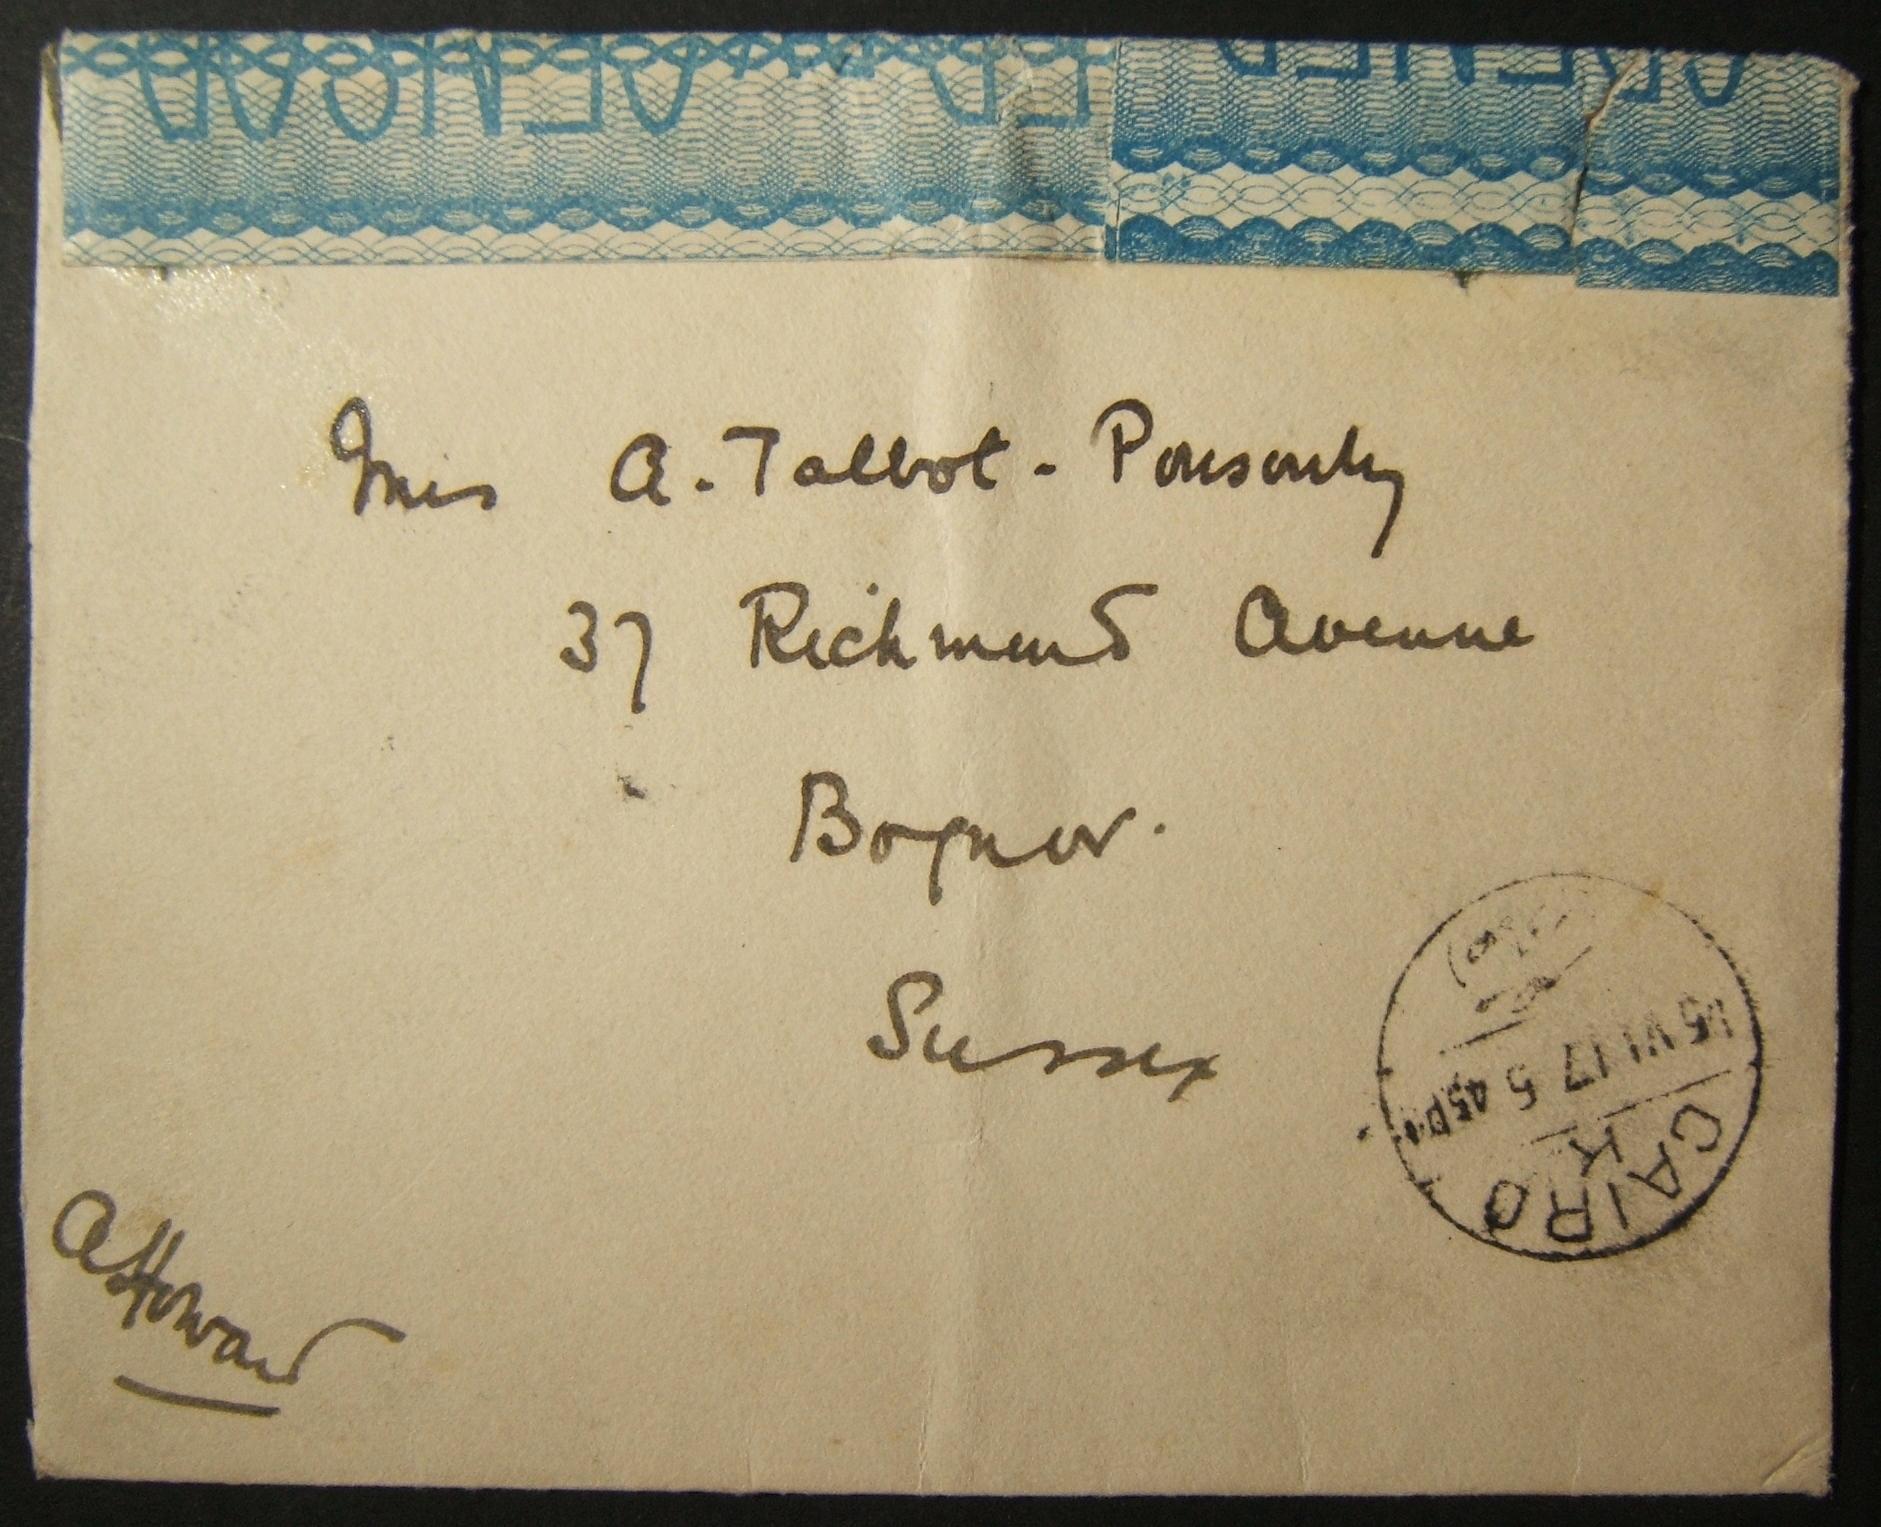 6/1917 بريد WWI البريطاني غير المقيد إلى المملكة المتحدة عبر البريد المصري ؛ أقدم بريد مؤرخ ، وتوجيه غير عادي